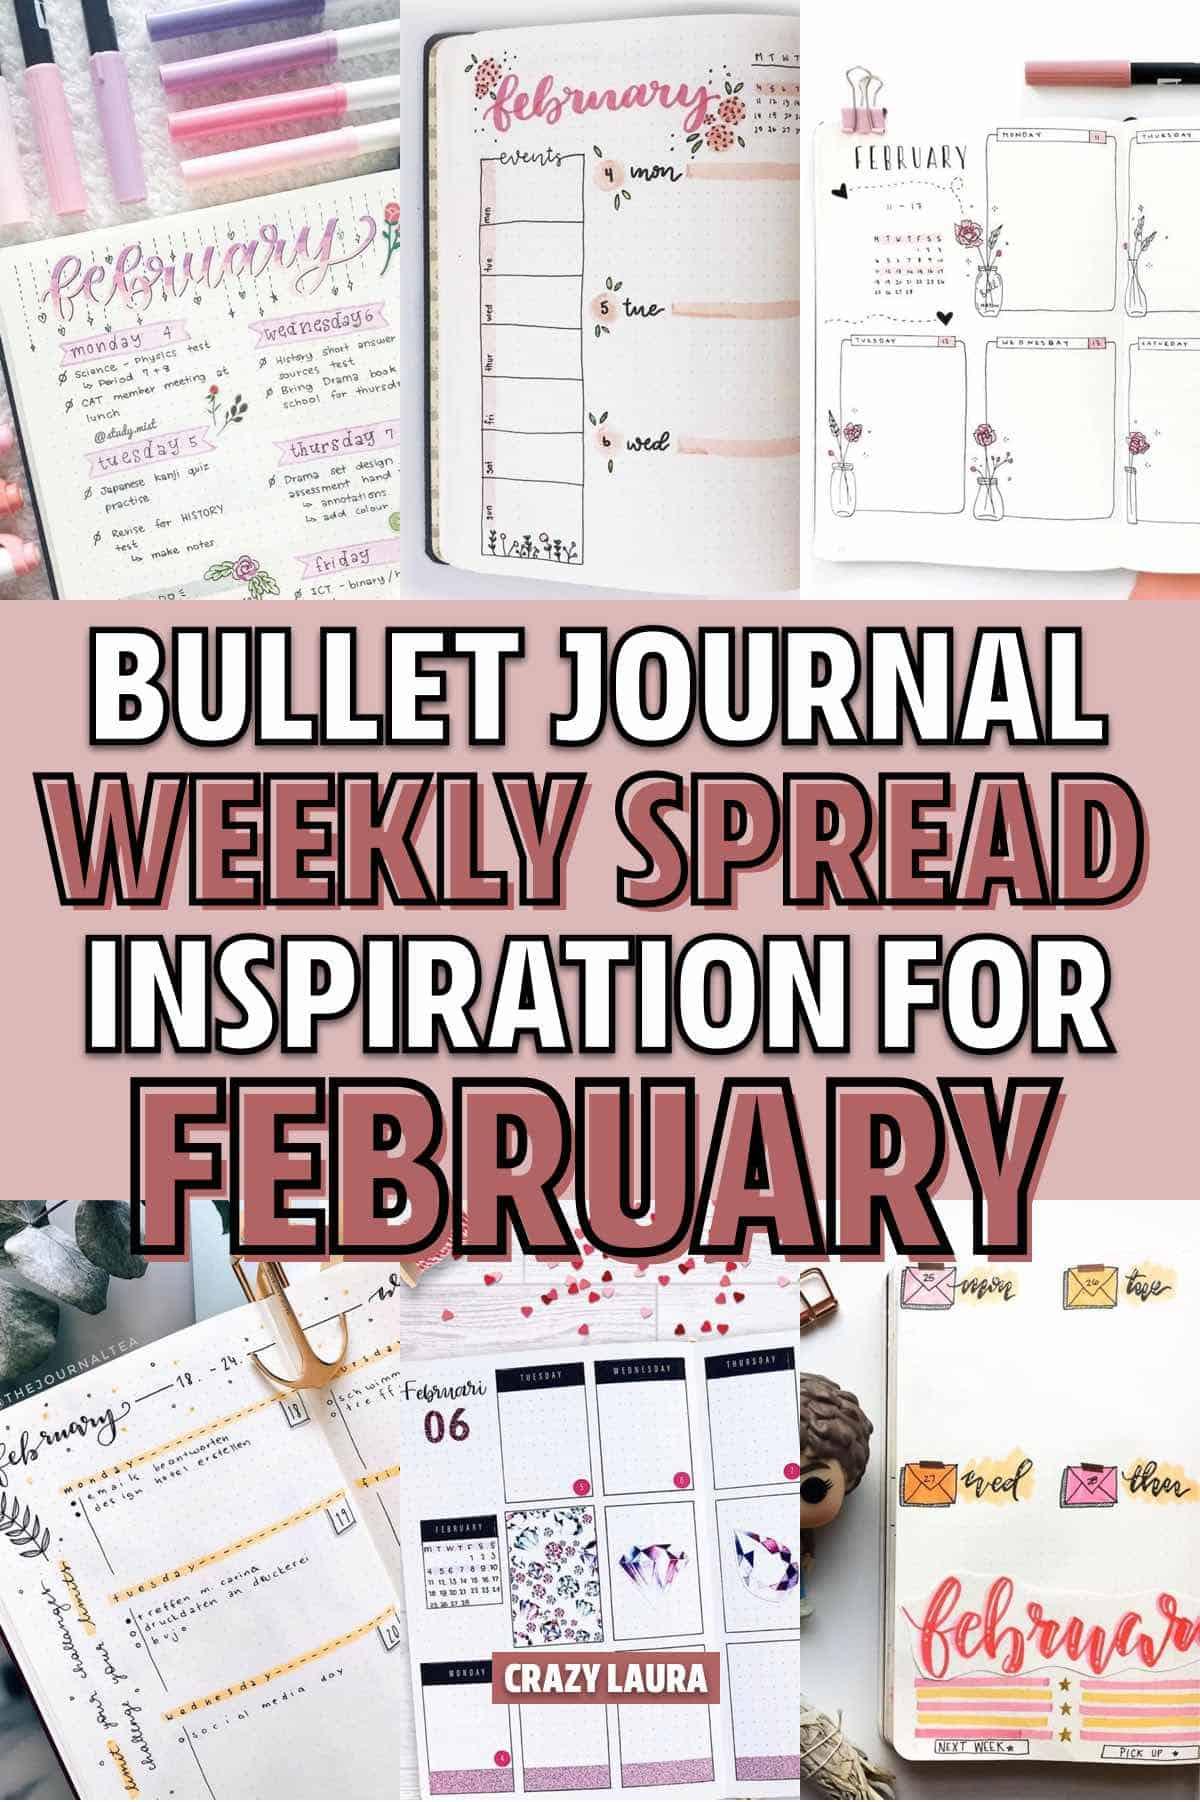 ideas for february bullet journal